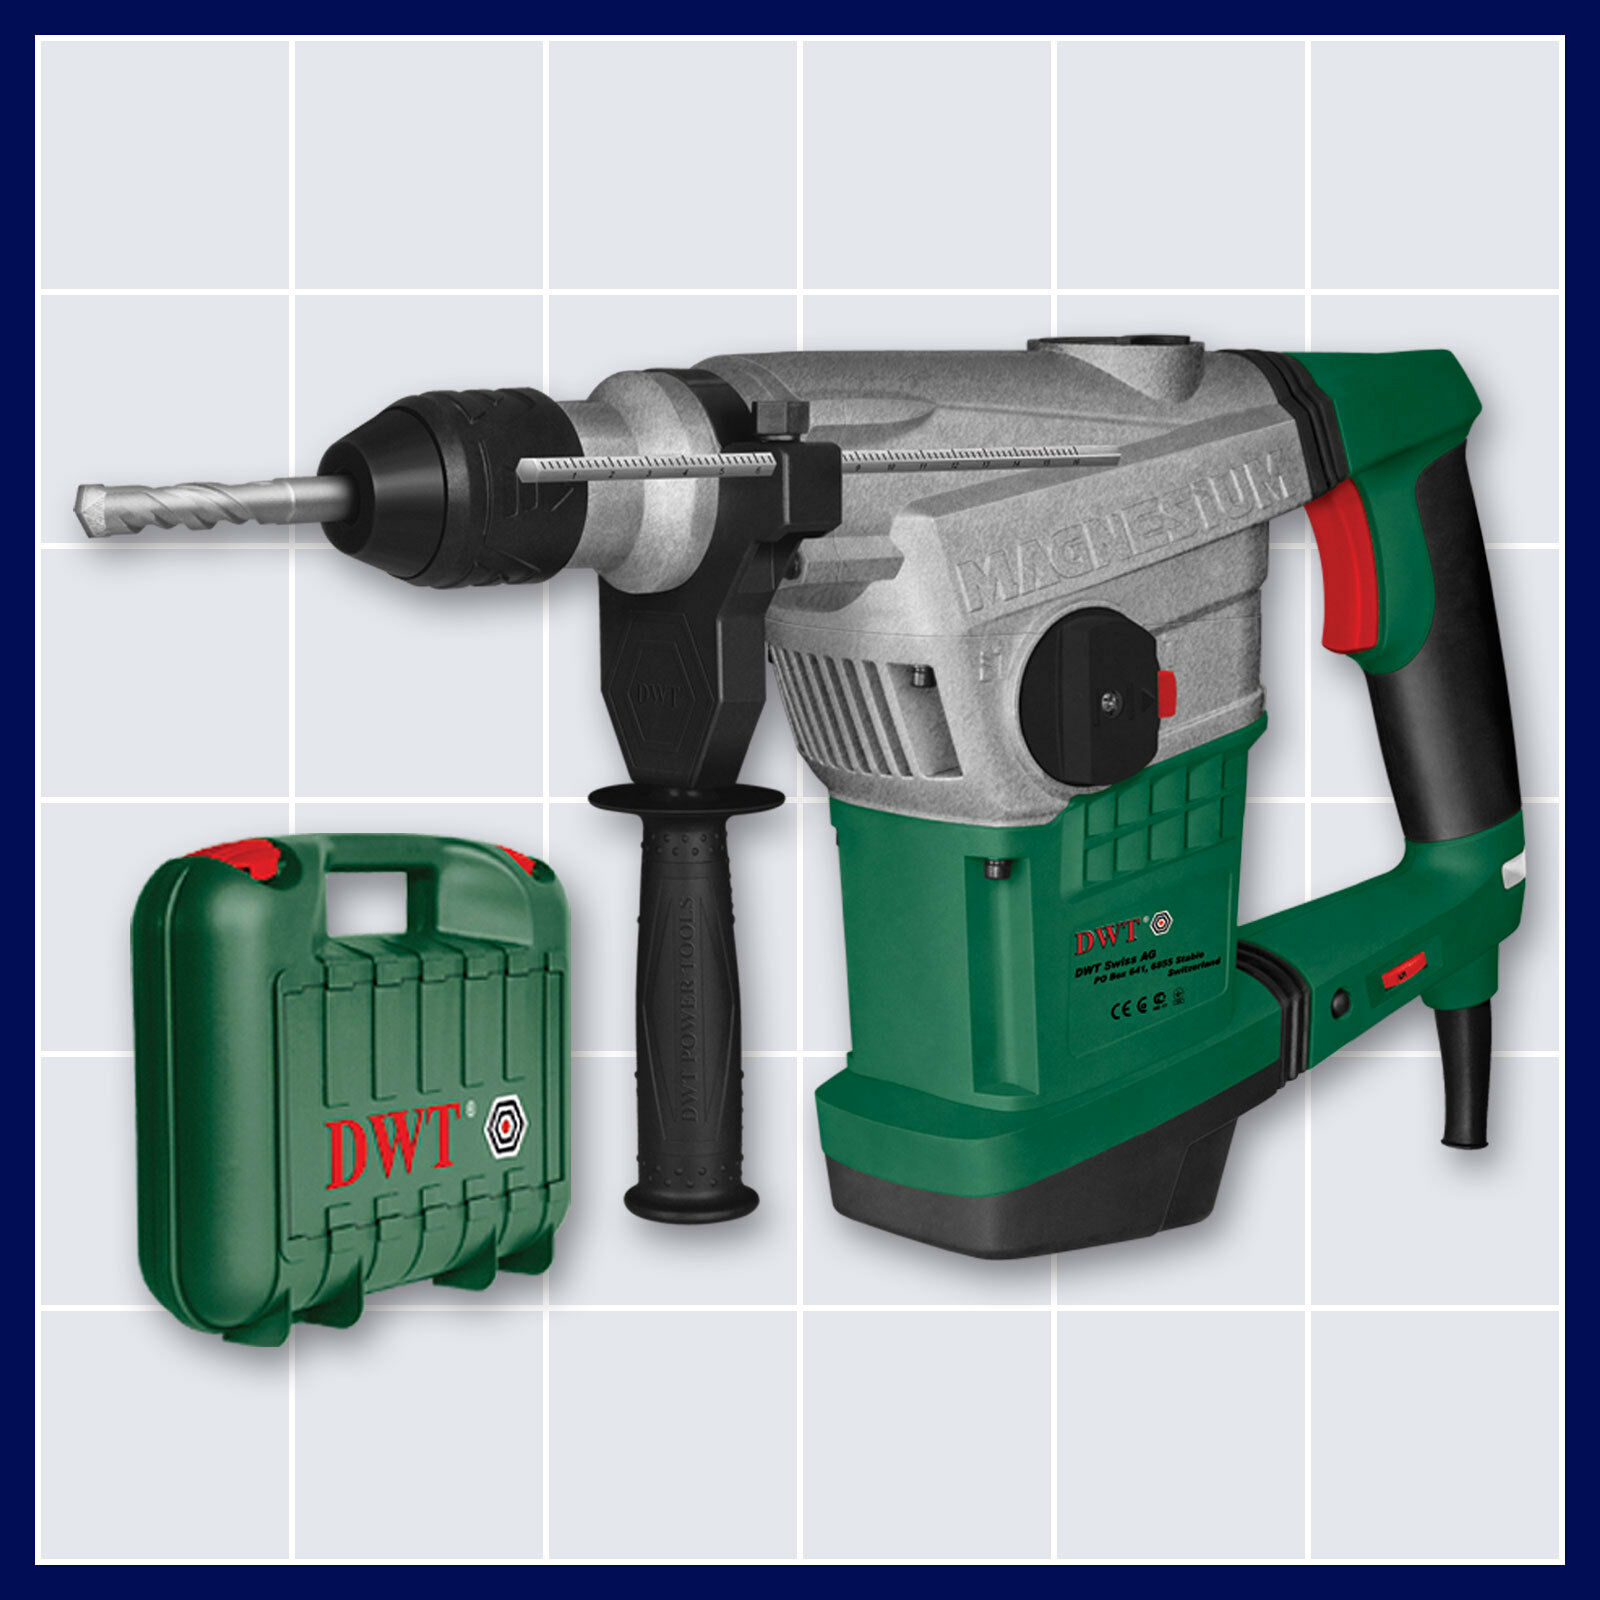 pneumatik bohrhammer sds max mit schlagzahlregler und mei el funktion 1250 watt ebay. Black Bedroom Furniture Sets. Home Design Ideas